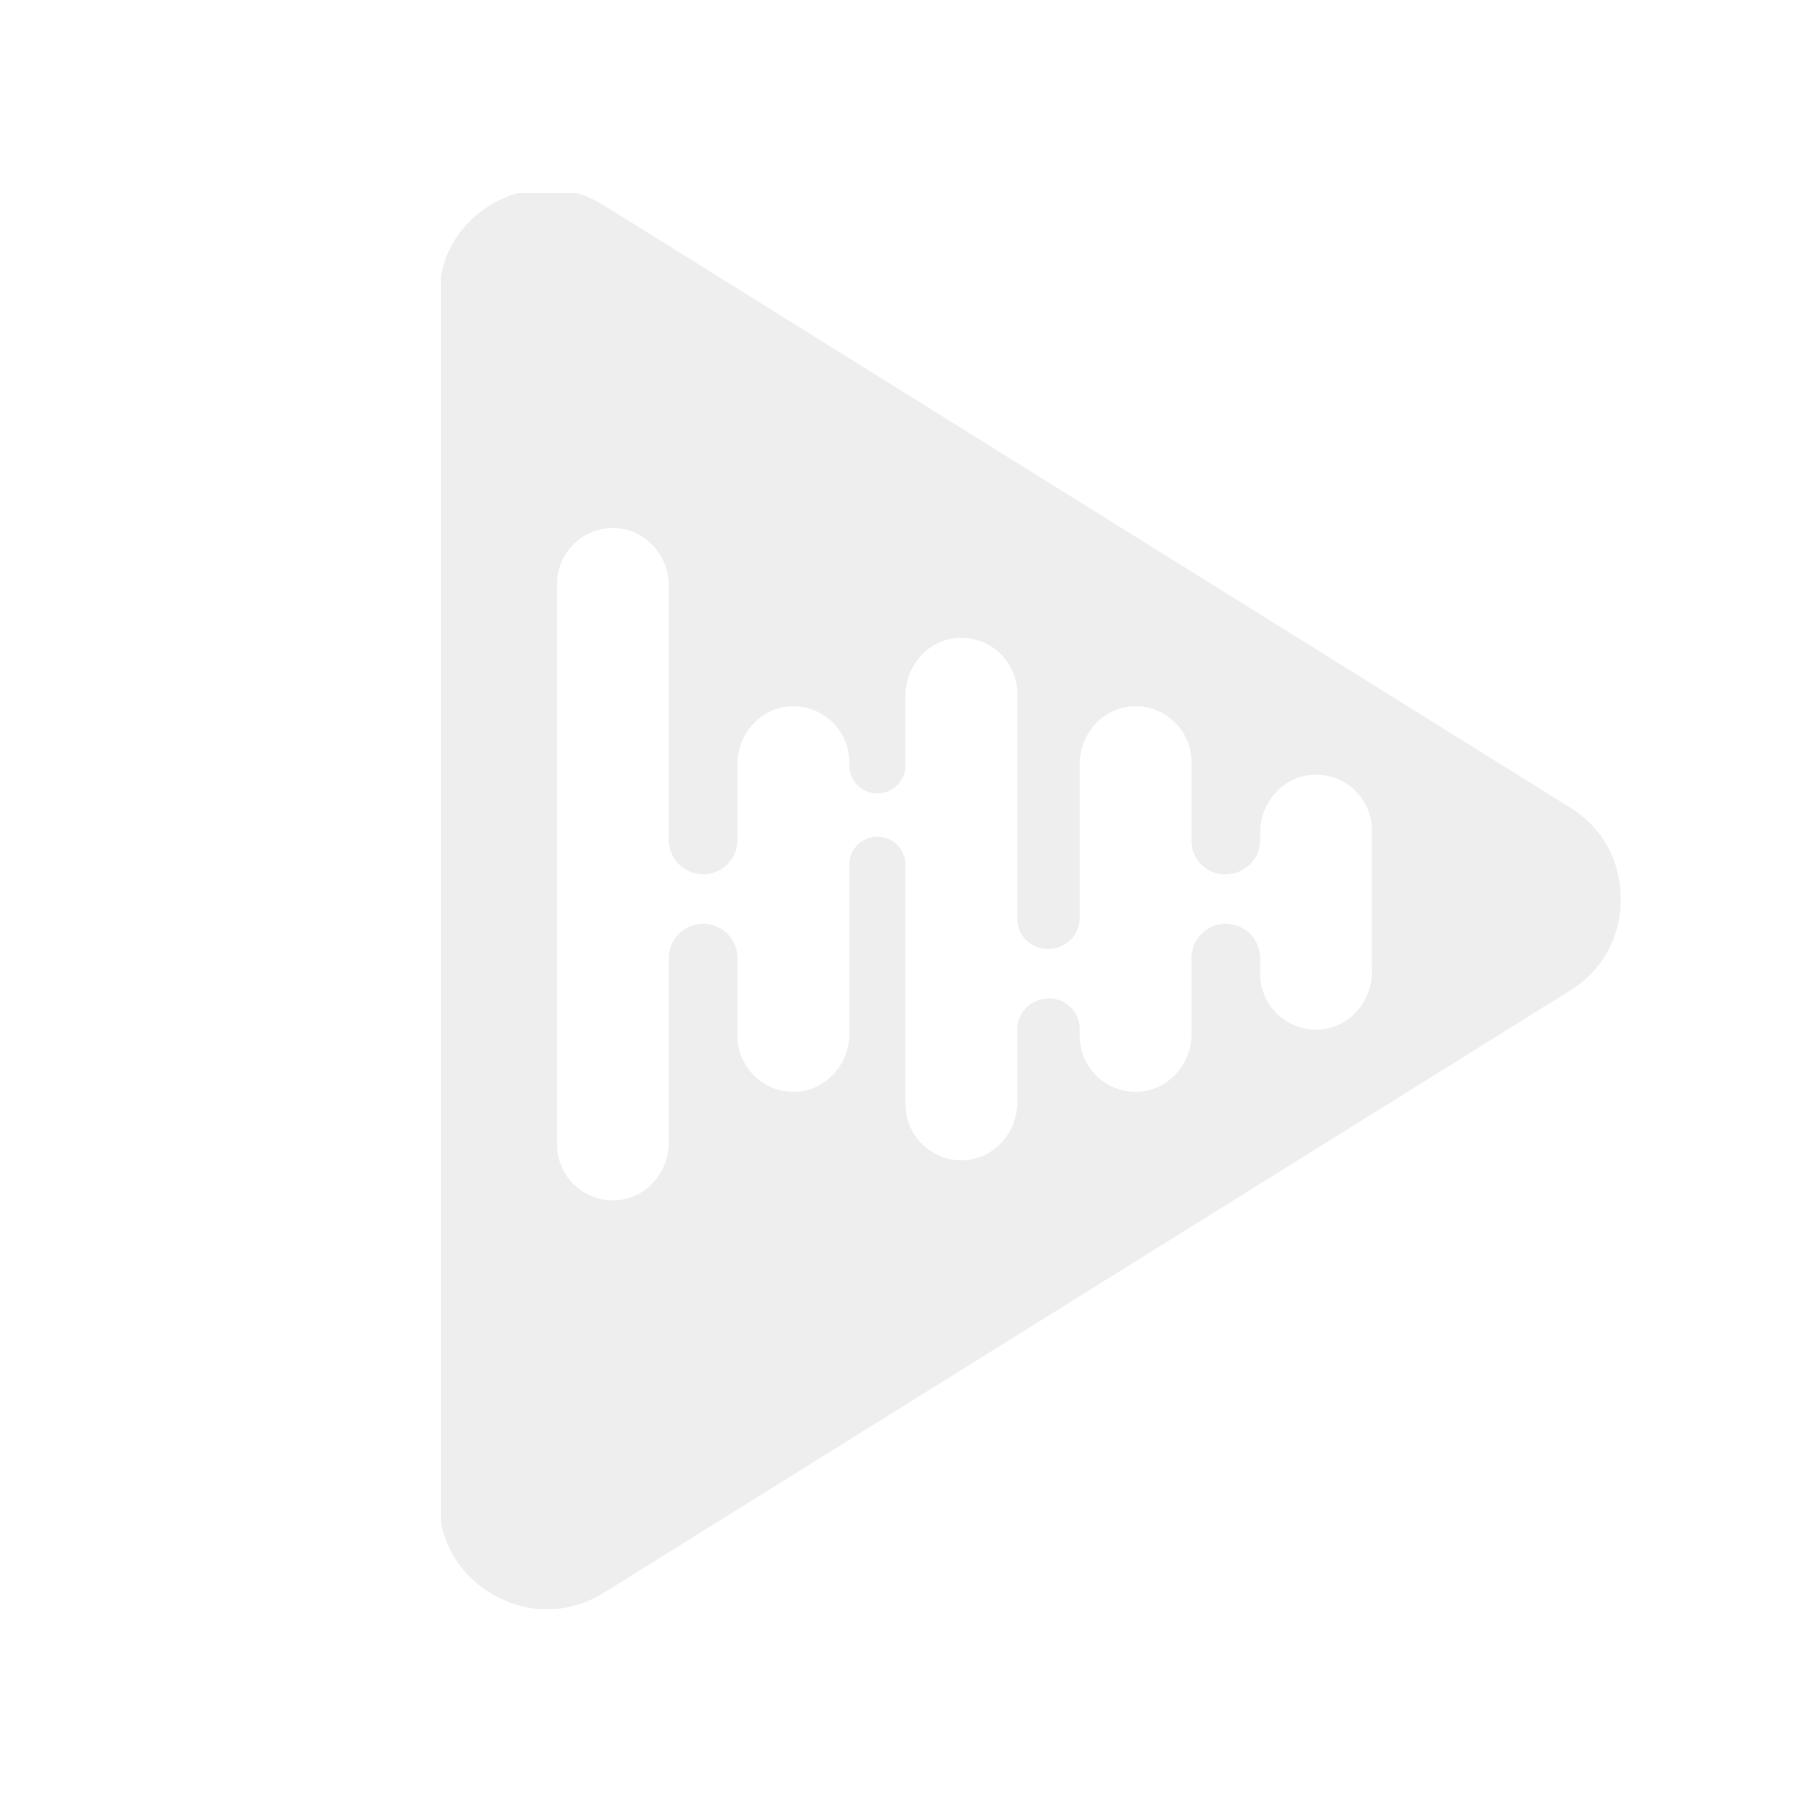 Oehlbach MMT-C DVI - PRO IN DVI multimediainnsats